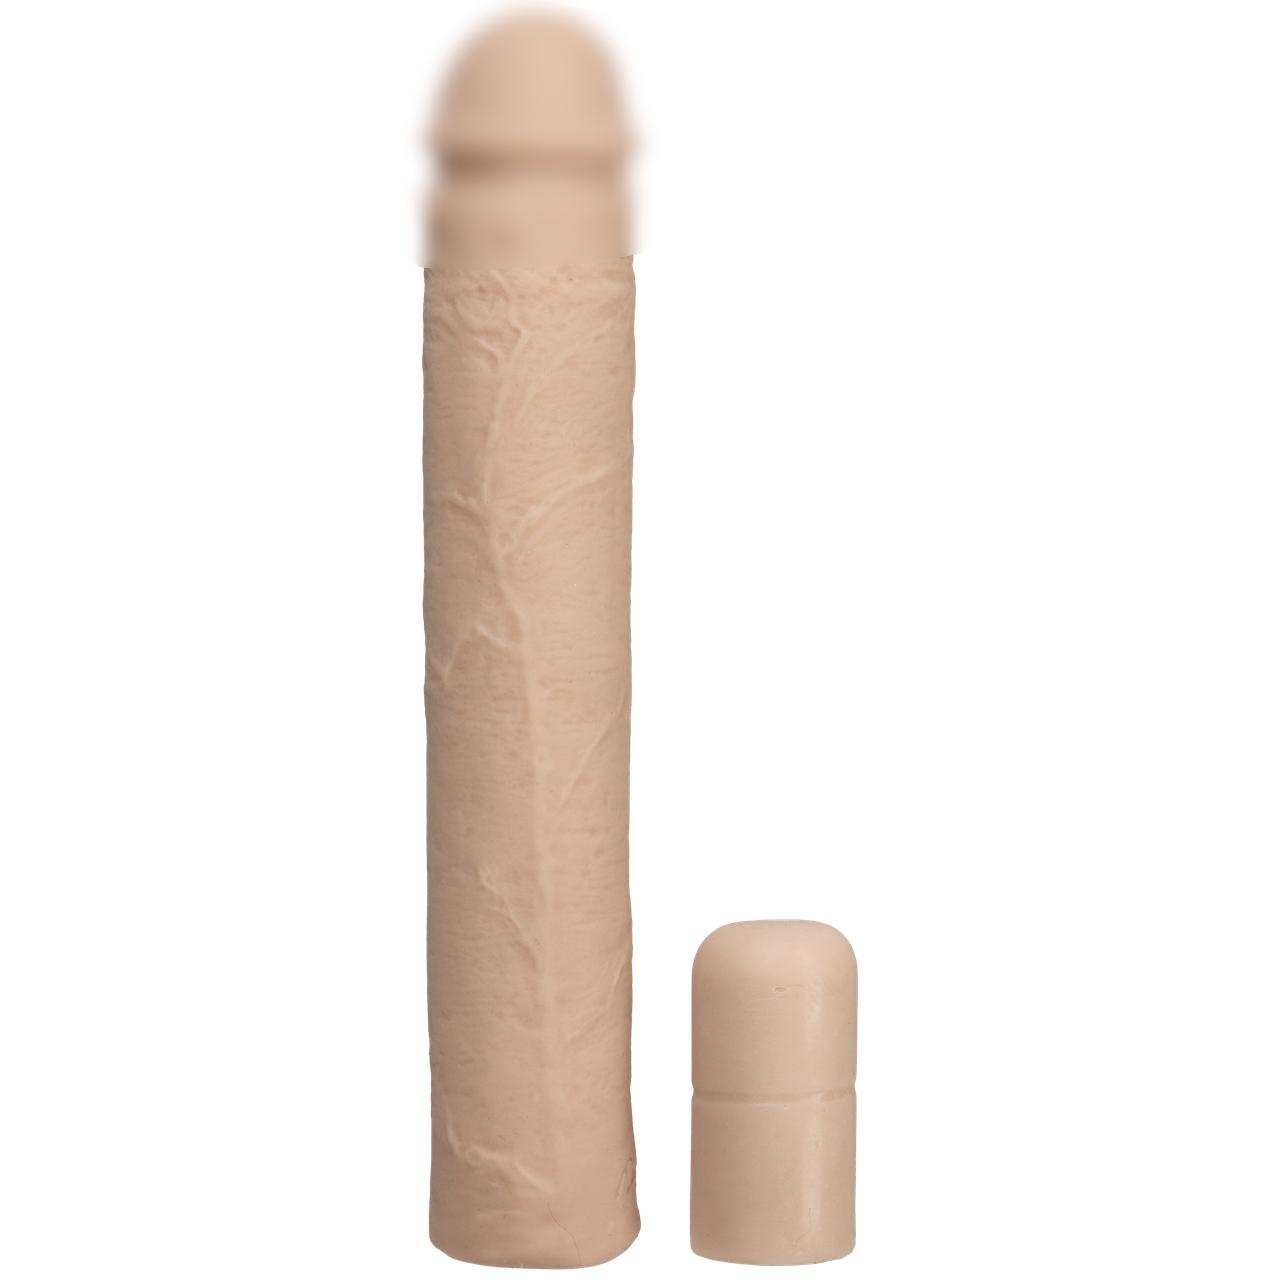 Насадка на член Doc Johnson Xtend It Kit White, удлиняющая (до +7,6 см) и утолщающая (до +1,2 см)